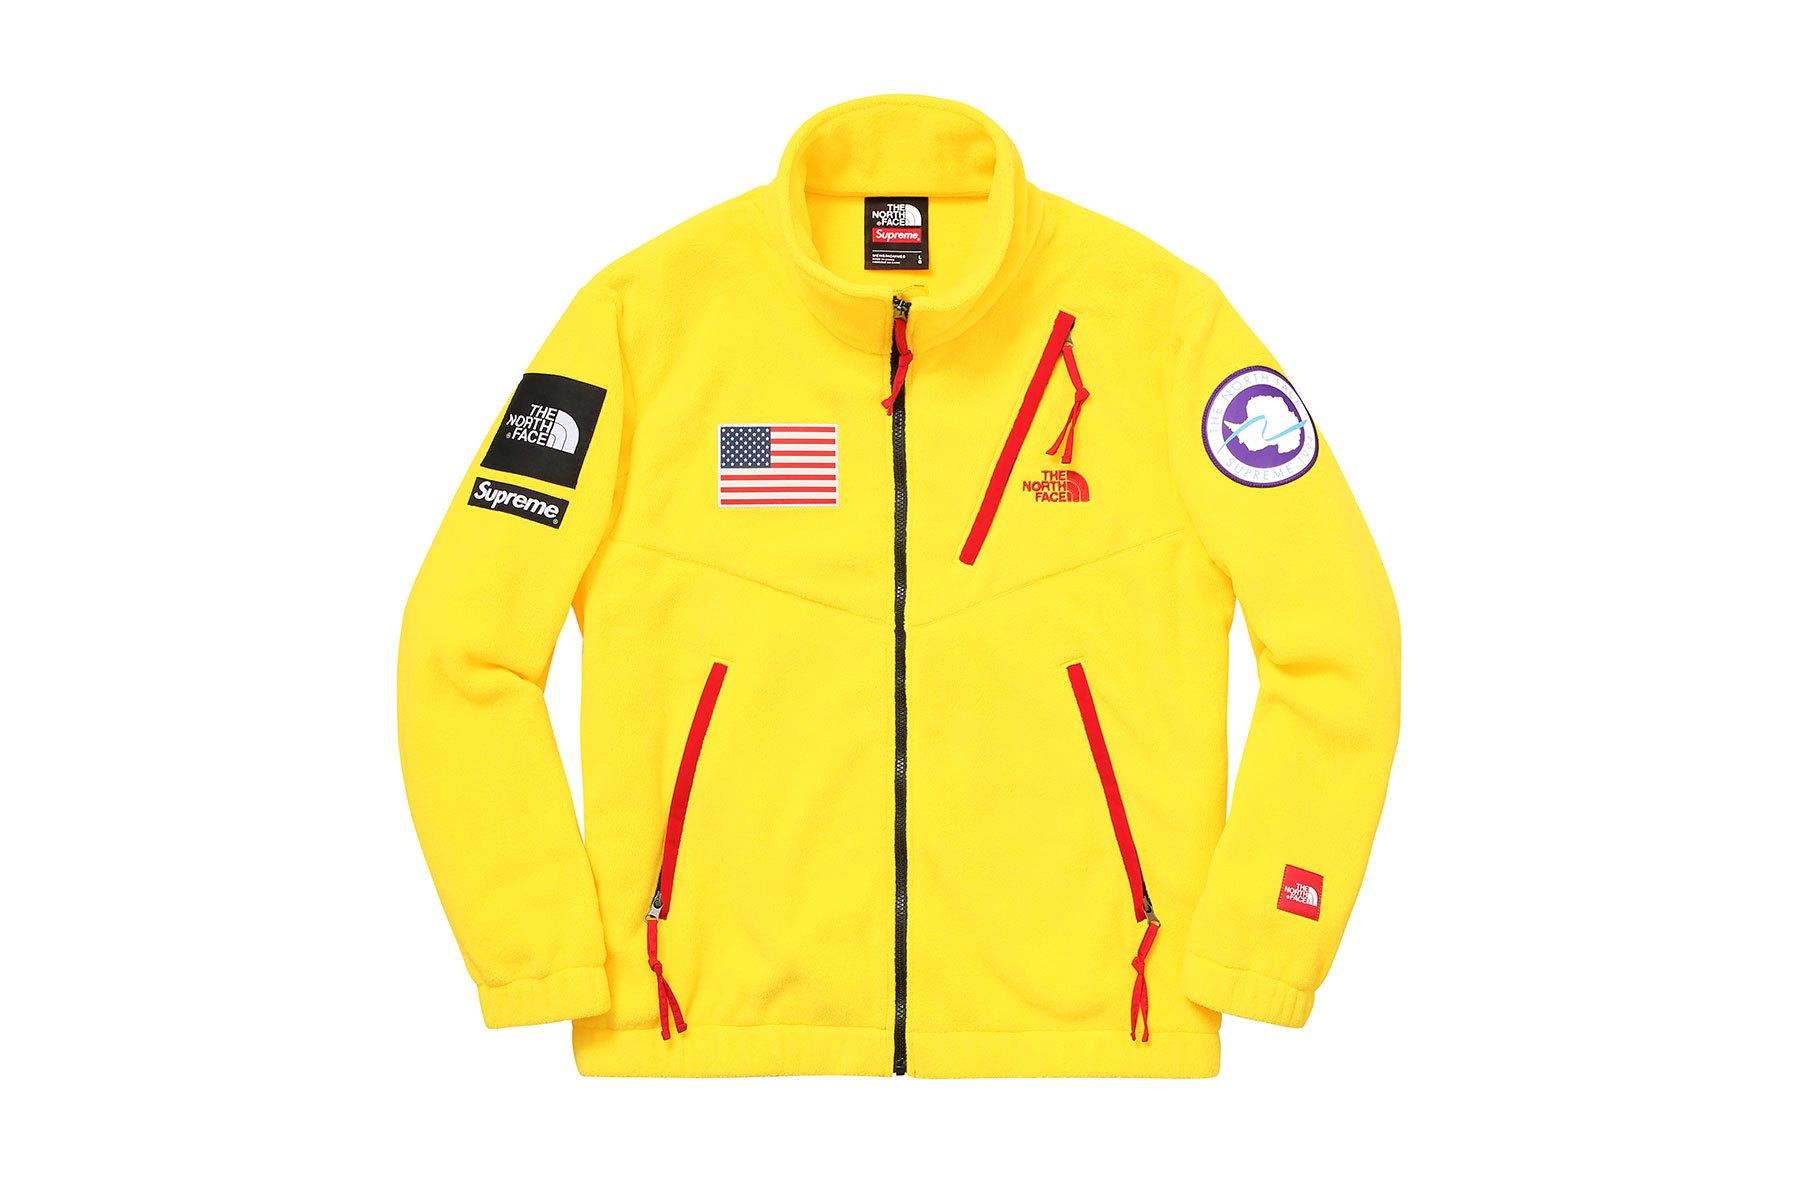 supreme-the-north-face-2017-spring-summer-yellow-polartec-fleece-jacket-25